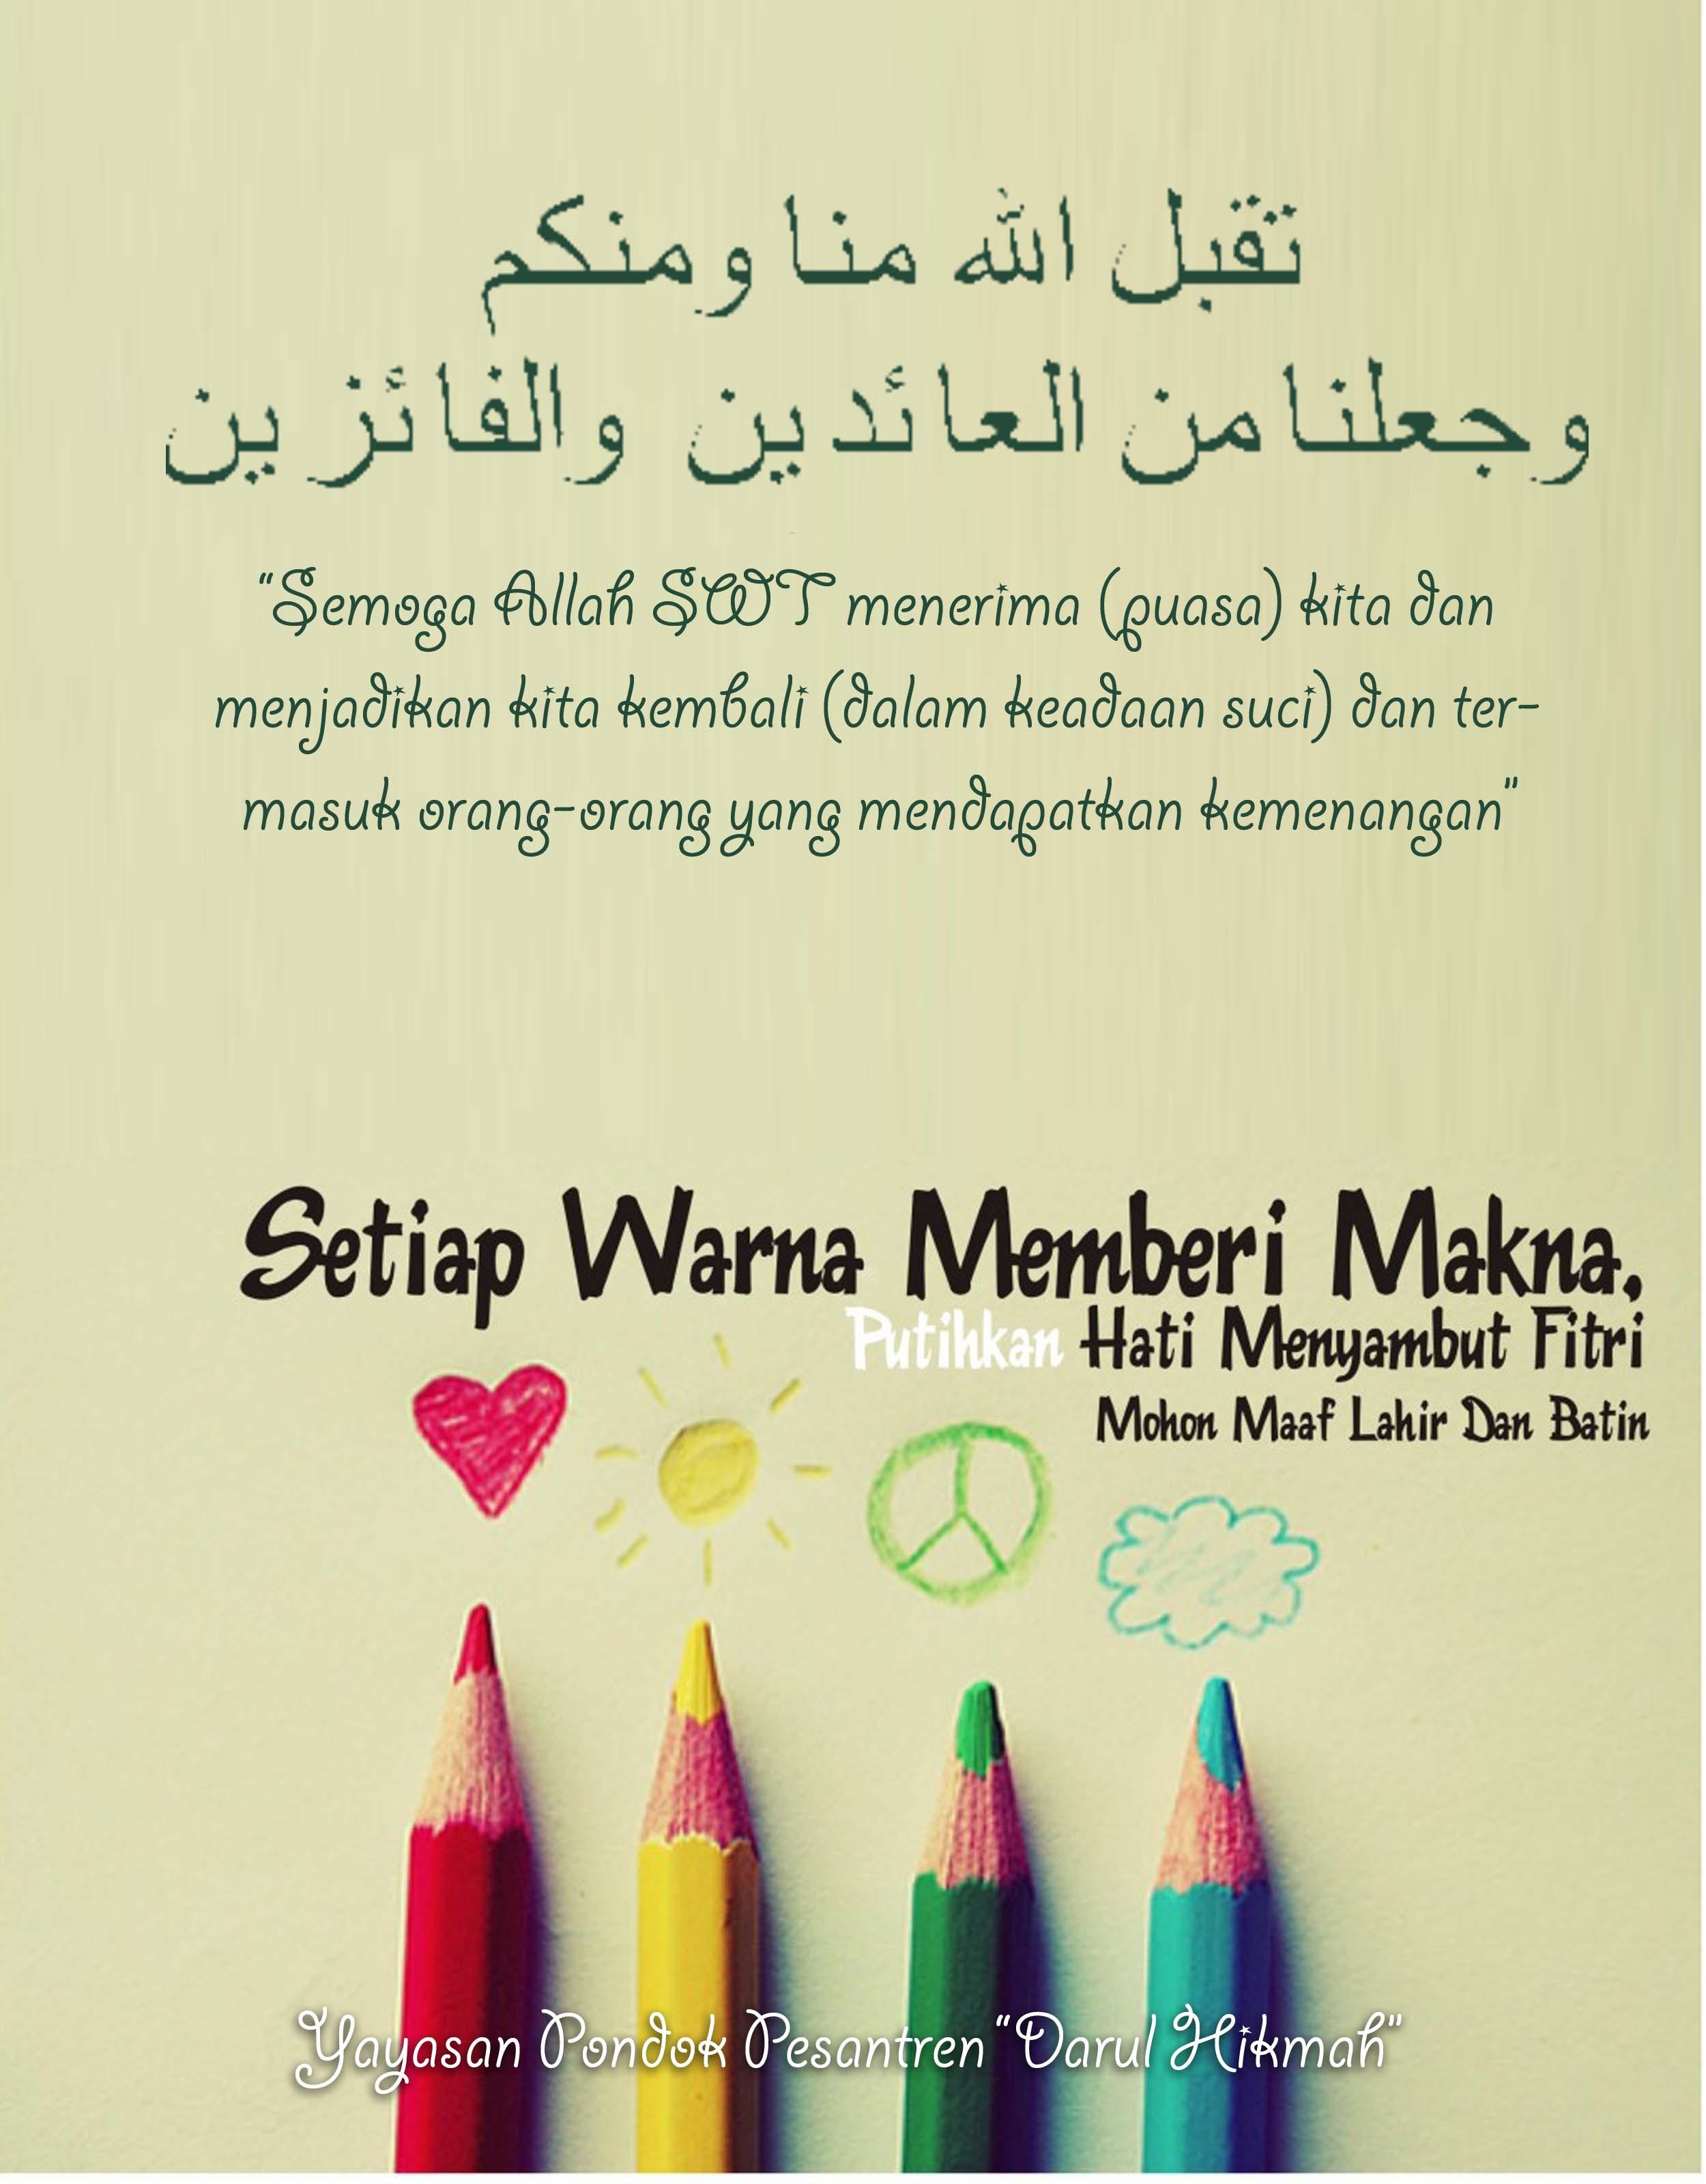 Ucapan Idul Fitri Taqaballahu Minna Wa Minkum : ucapan, fitri, taqaballahu, minna, minkum, Selamat, Fitri, Darul, Hikmah